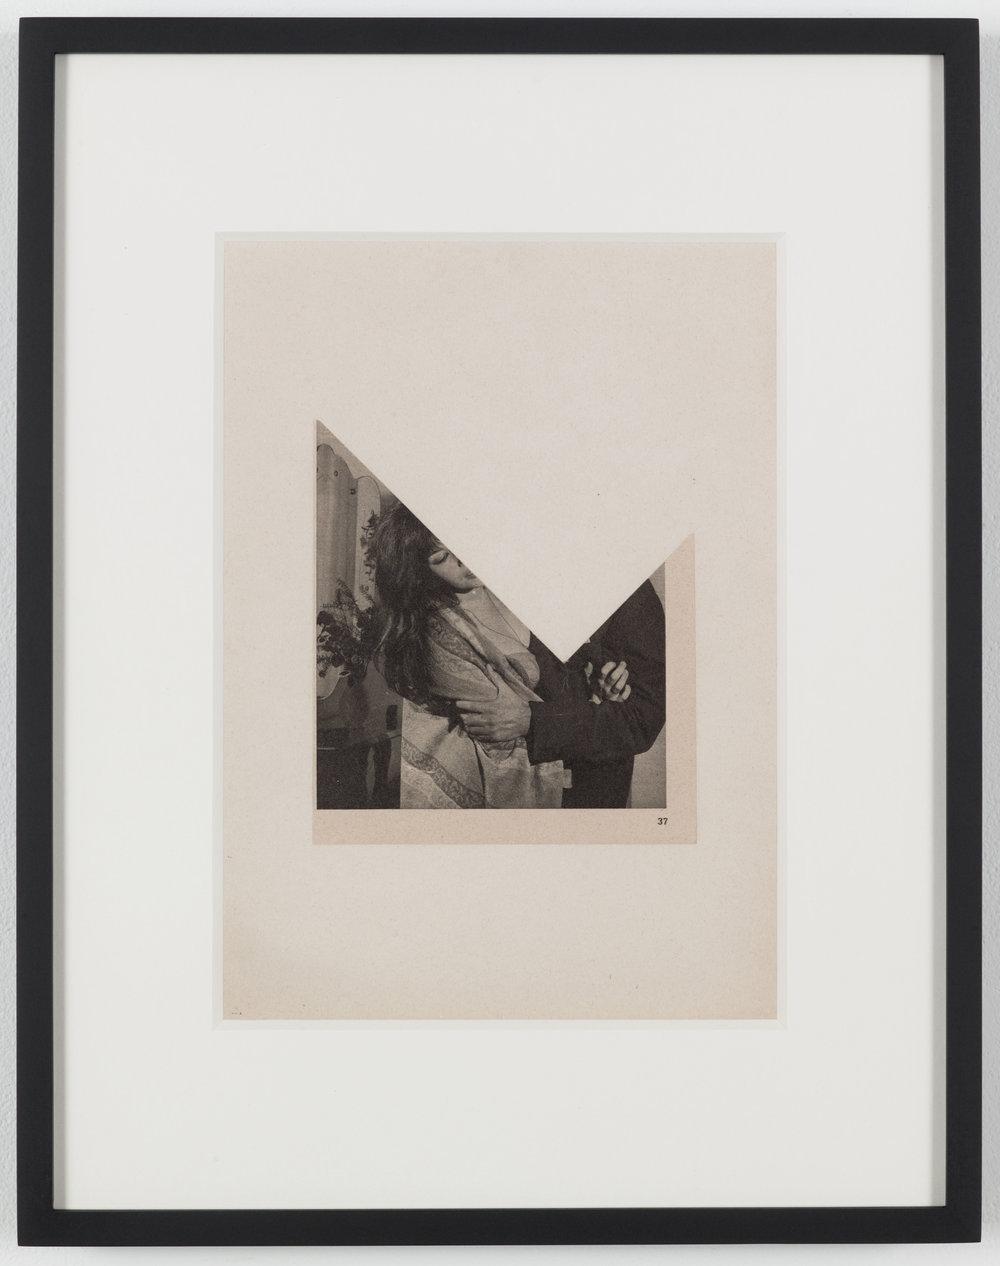 Kiss 1 (Photoroman) 1976, Collage © John Stezaker & Petzel Gallery